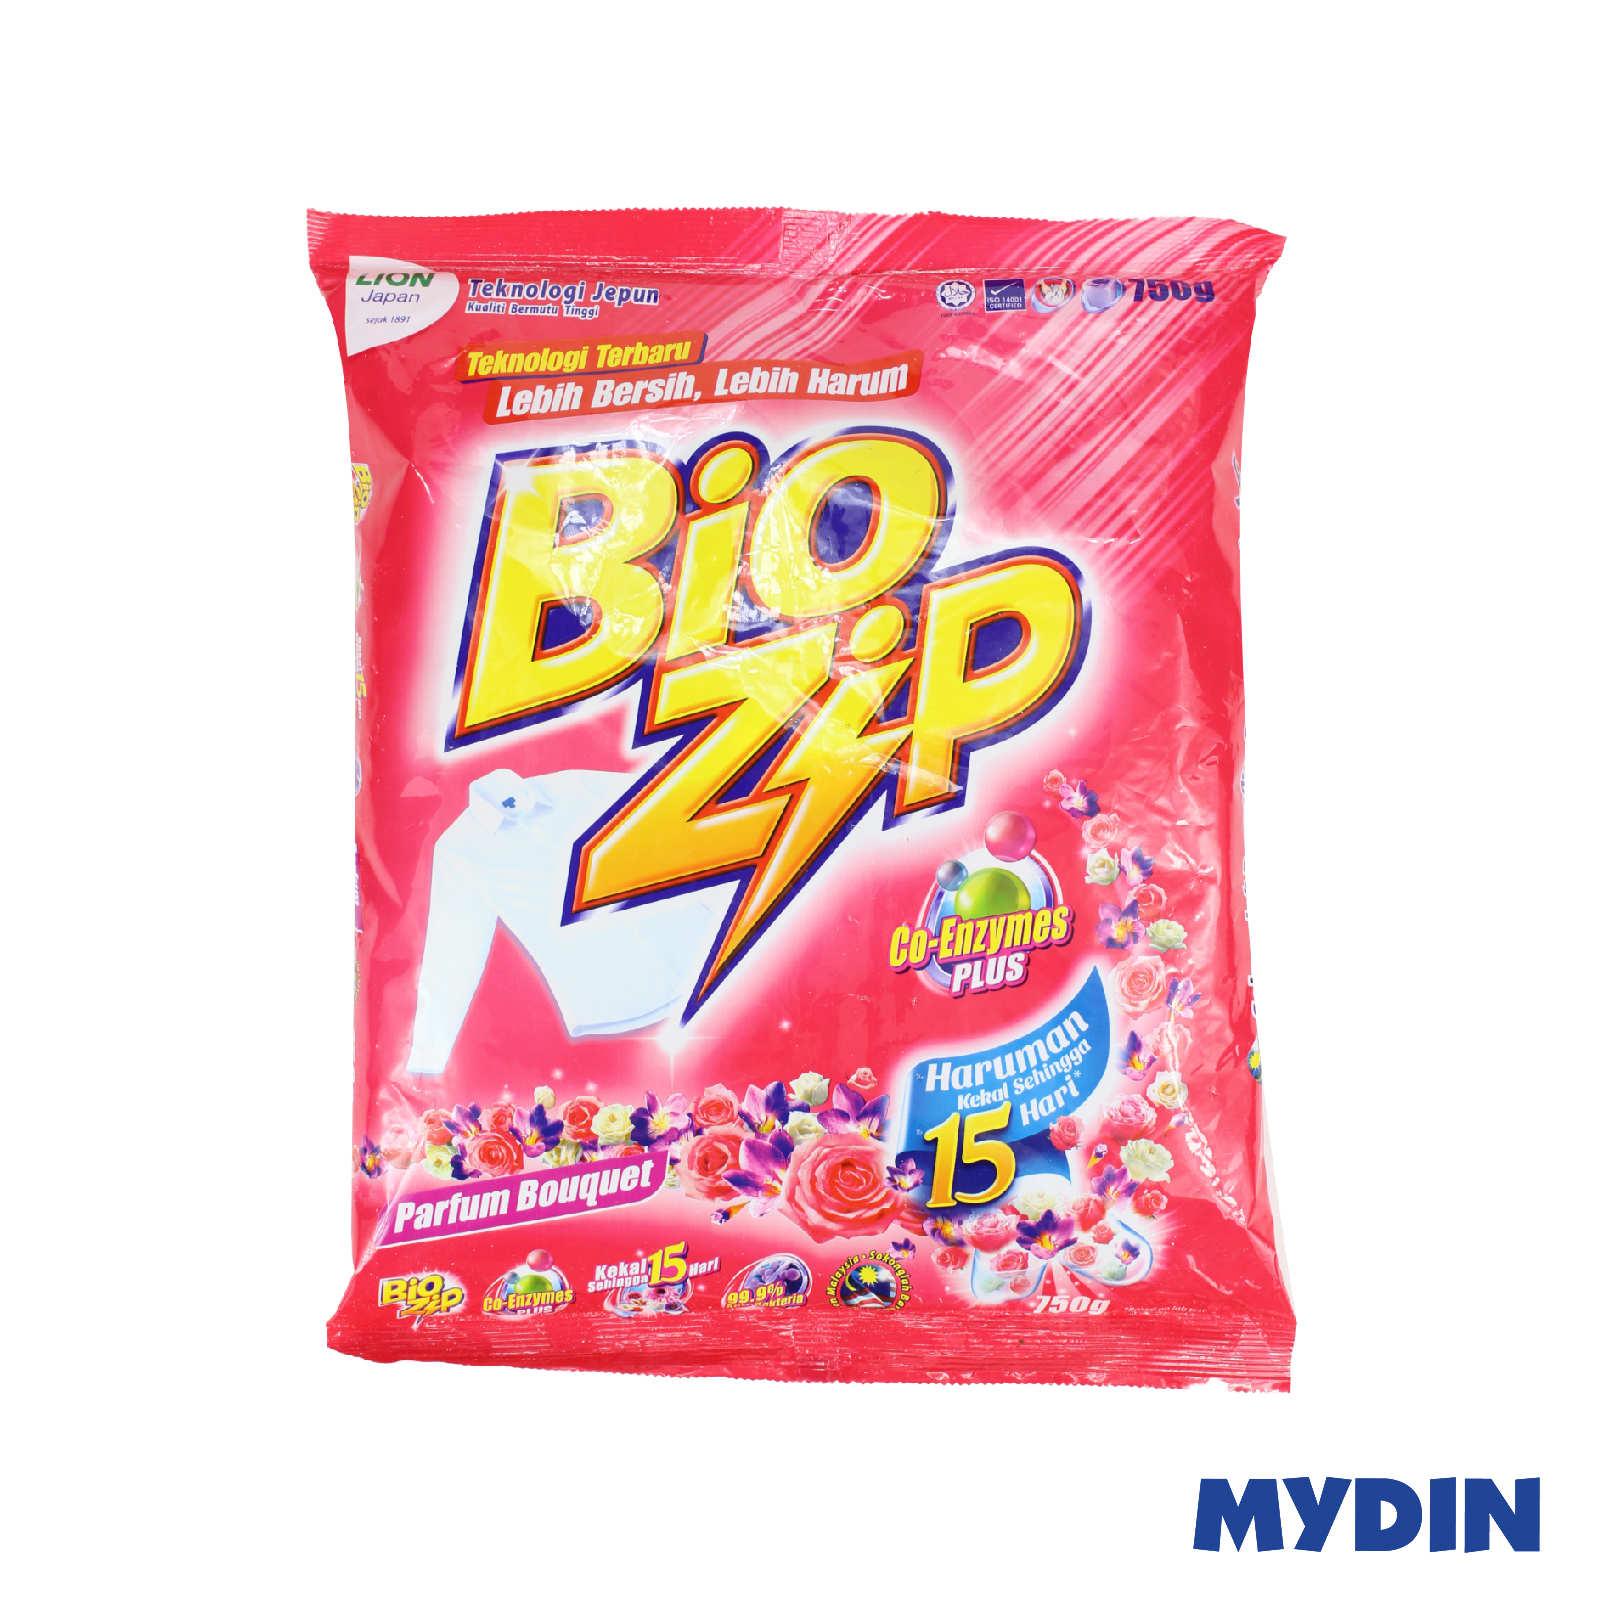 Bio Zip Parfum Bouquet Powder Detergent 750g